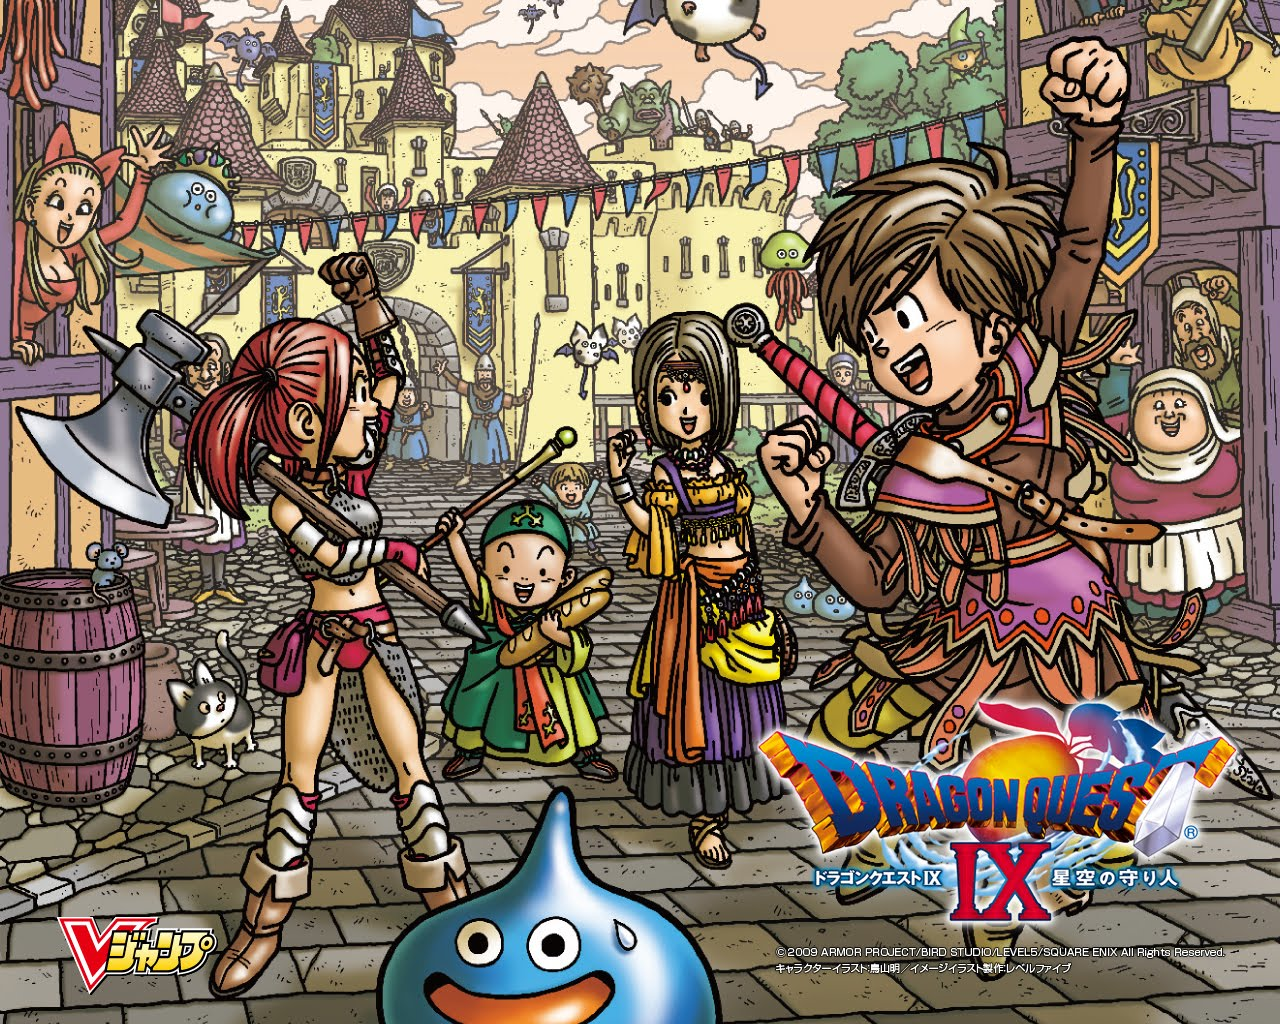 http://2.bp.blogspot.com/_MYyNhgbvQho/TJFufFFO-kI/AAAAAAAABSI/wZU6pJOJ0G4/s1600/dragon-quest-ix-wallpaper-5.jpg